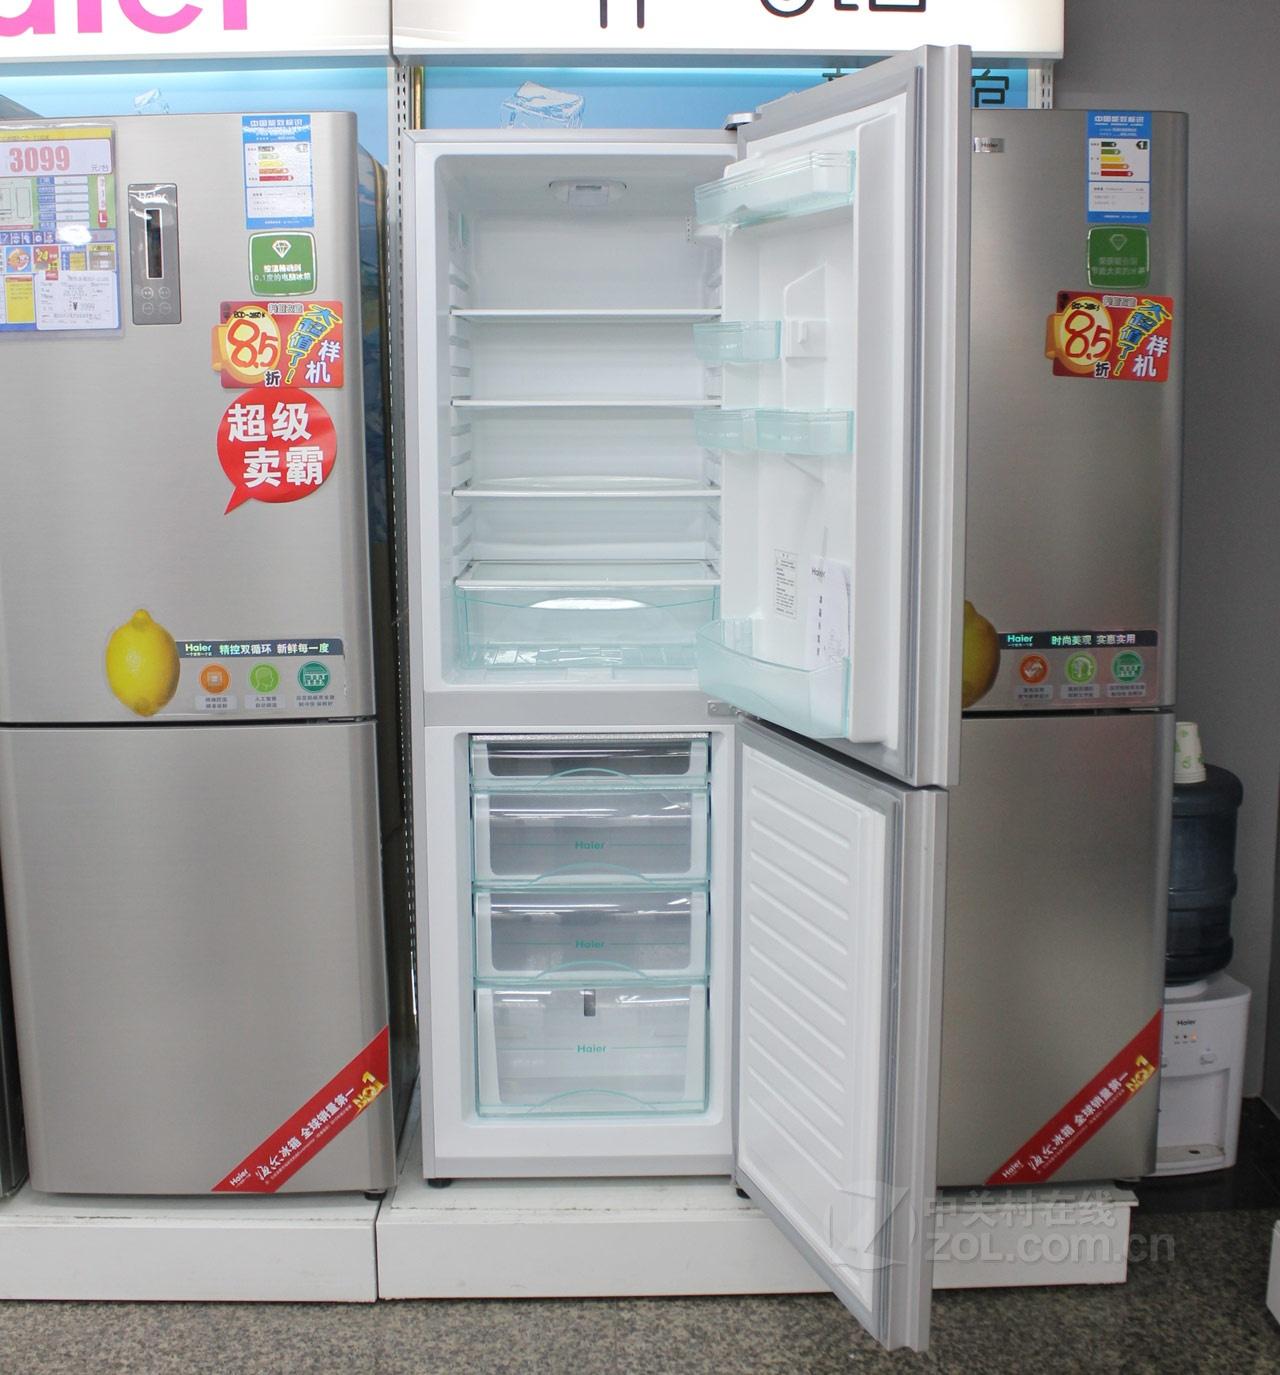 海尔冰箱bcd 215ks接线图